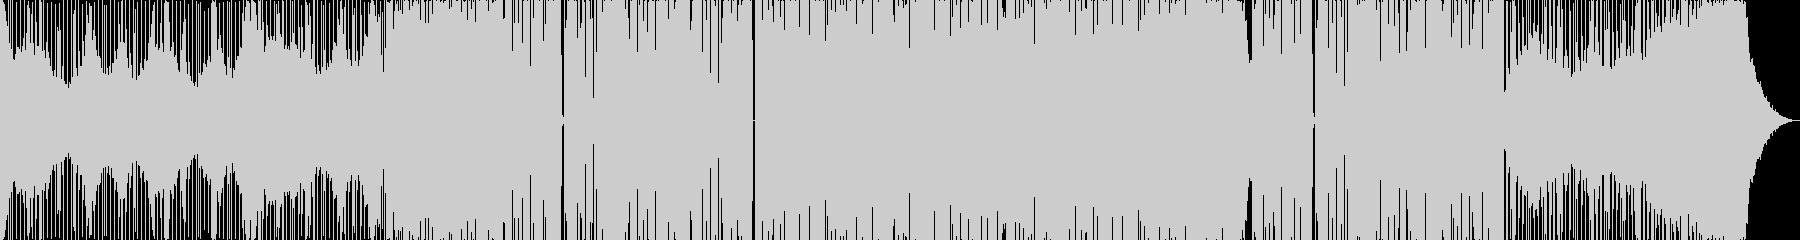 アッパーなドラムンベースの未再生の波形